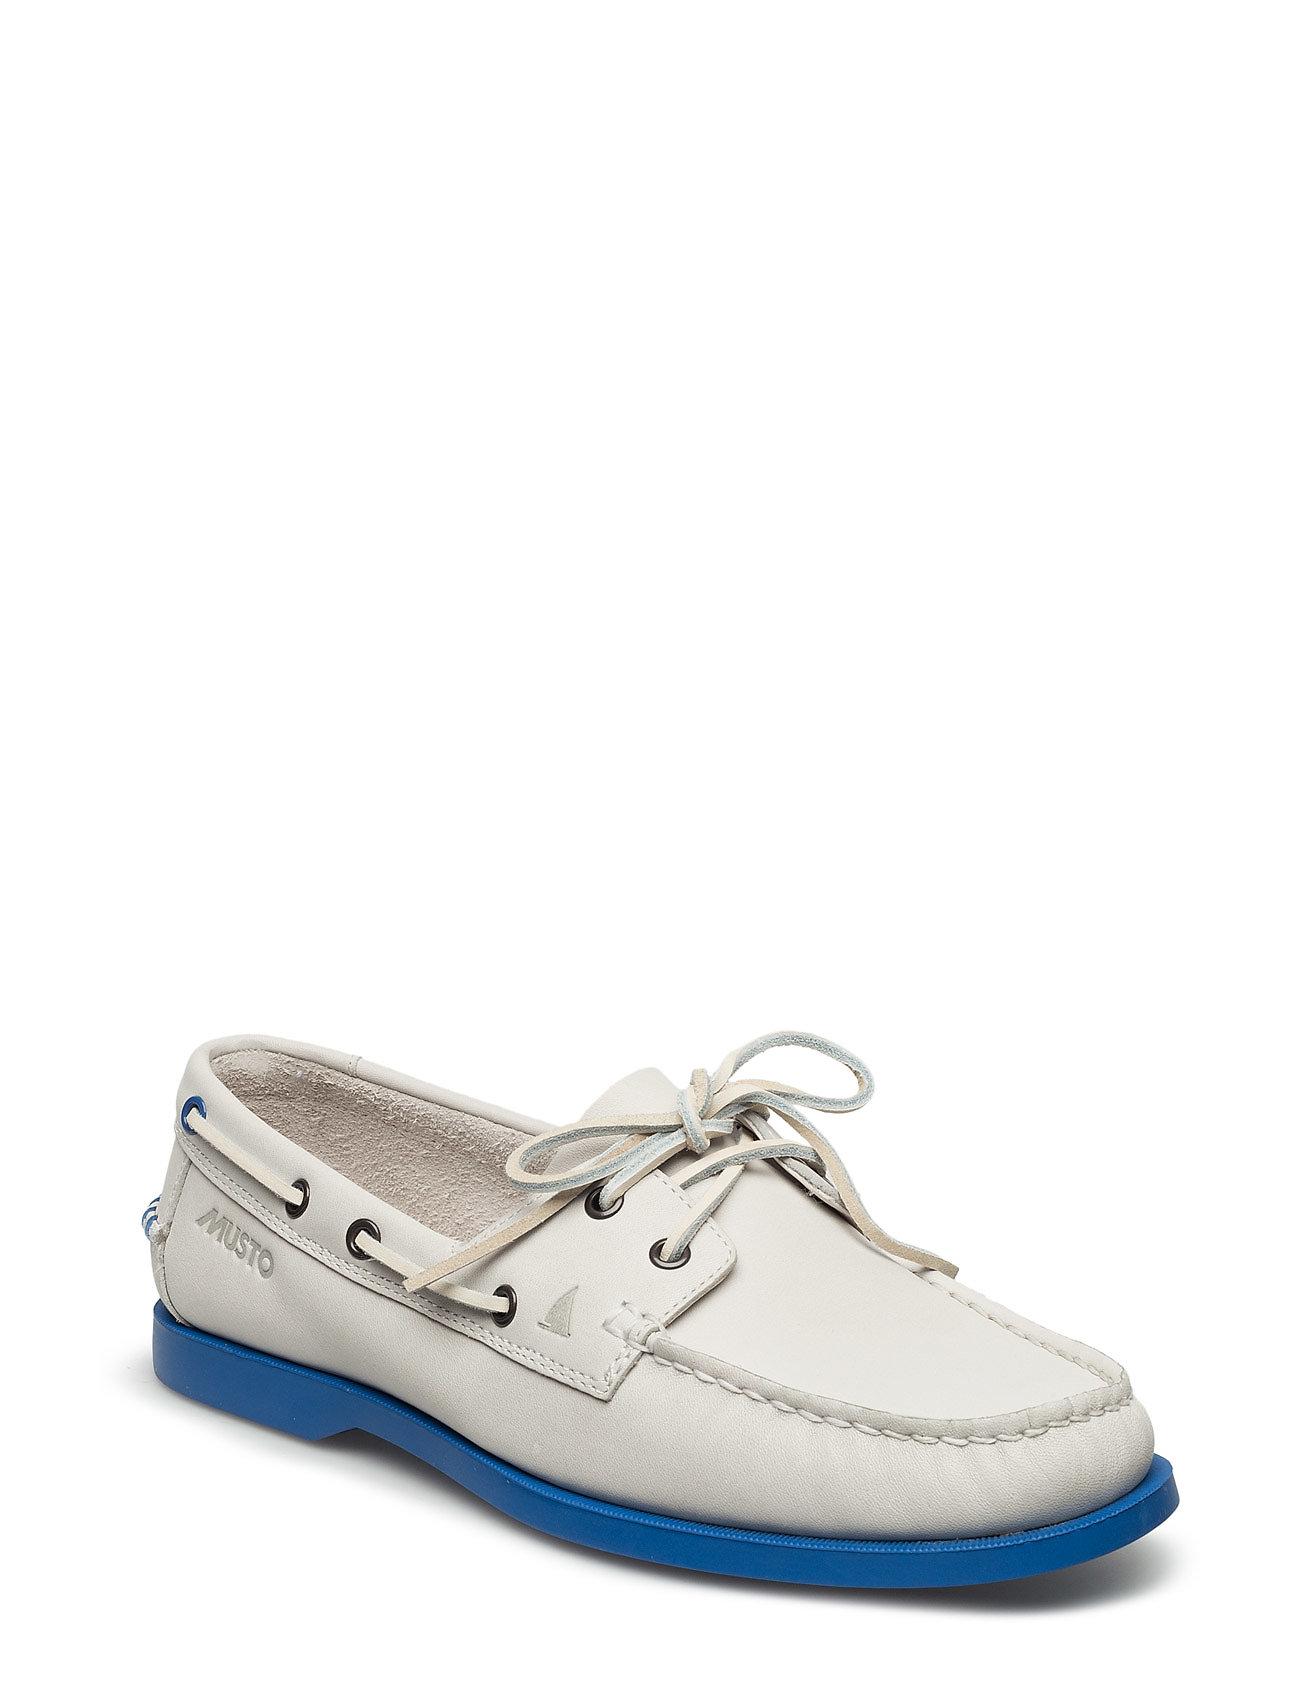 Nautic Bay Clarks Casual sko til Herrer i